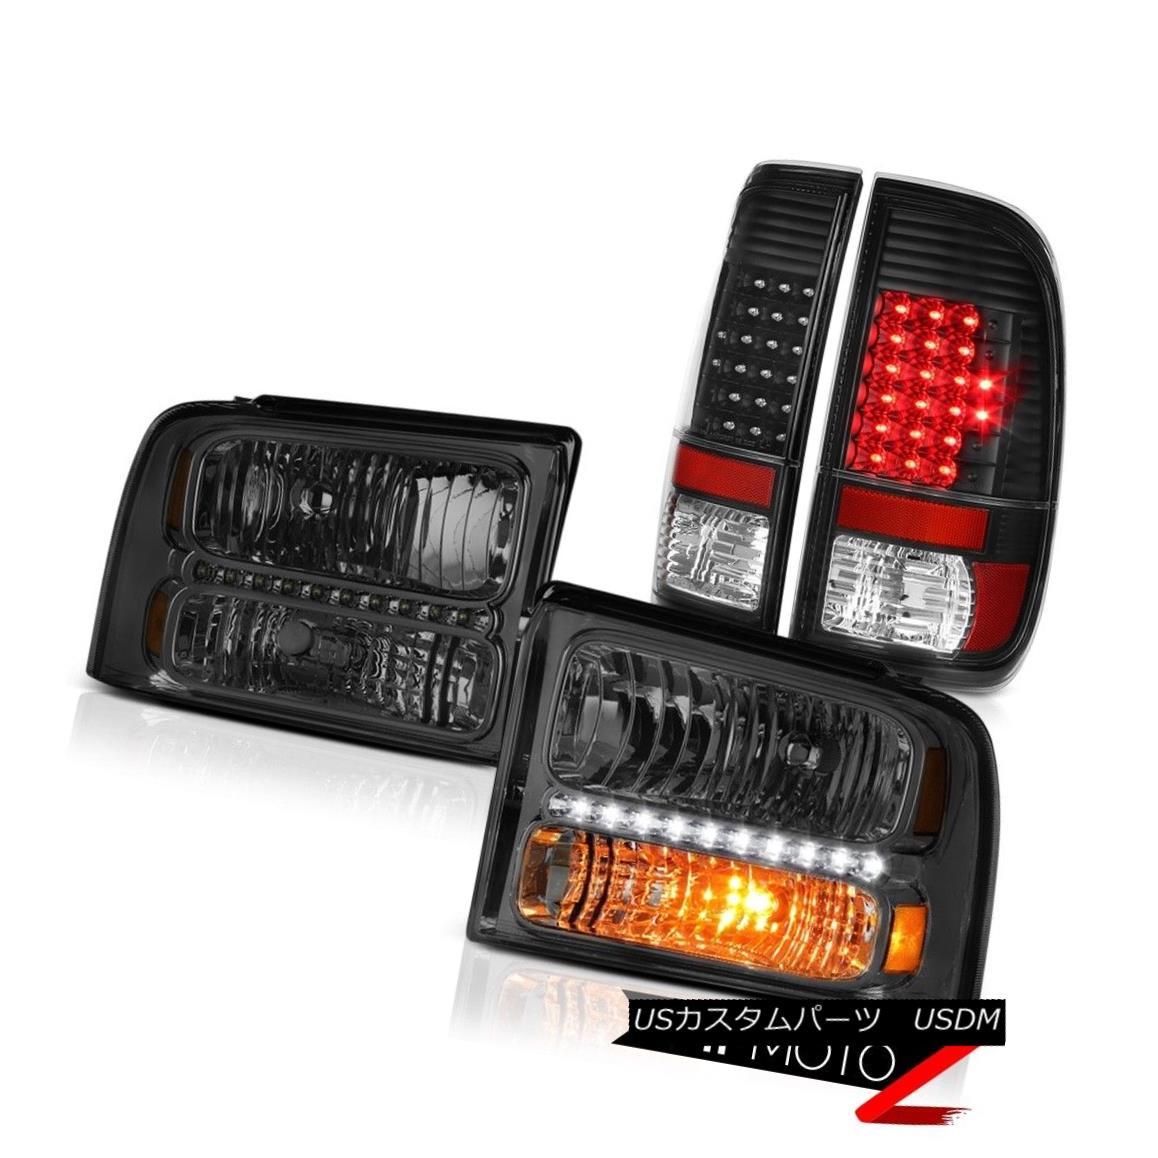 テールライト Crystal Tinted Headlights SMD Tail Lights Black 2005 2006 2007 Ford F250 Lariat クリスタルティントヘッドライトSMDテールライトブラック2005 2006 2007 Ford F250 Lariat